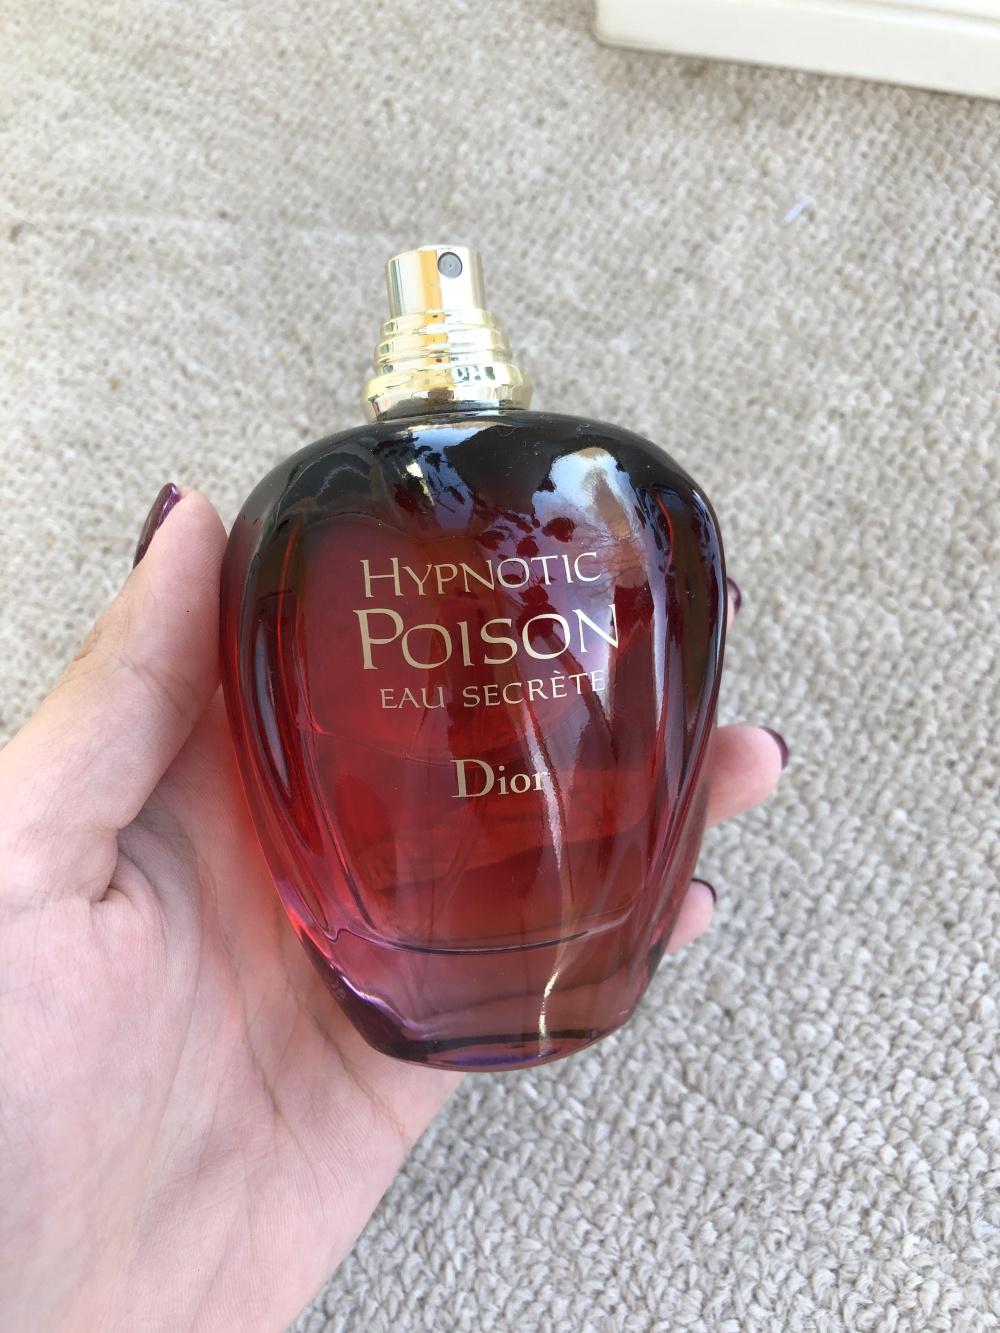 Dior Hypnotic poison eau secret EDT 100ml